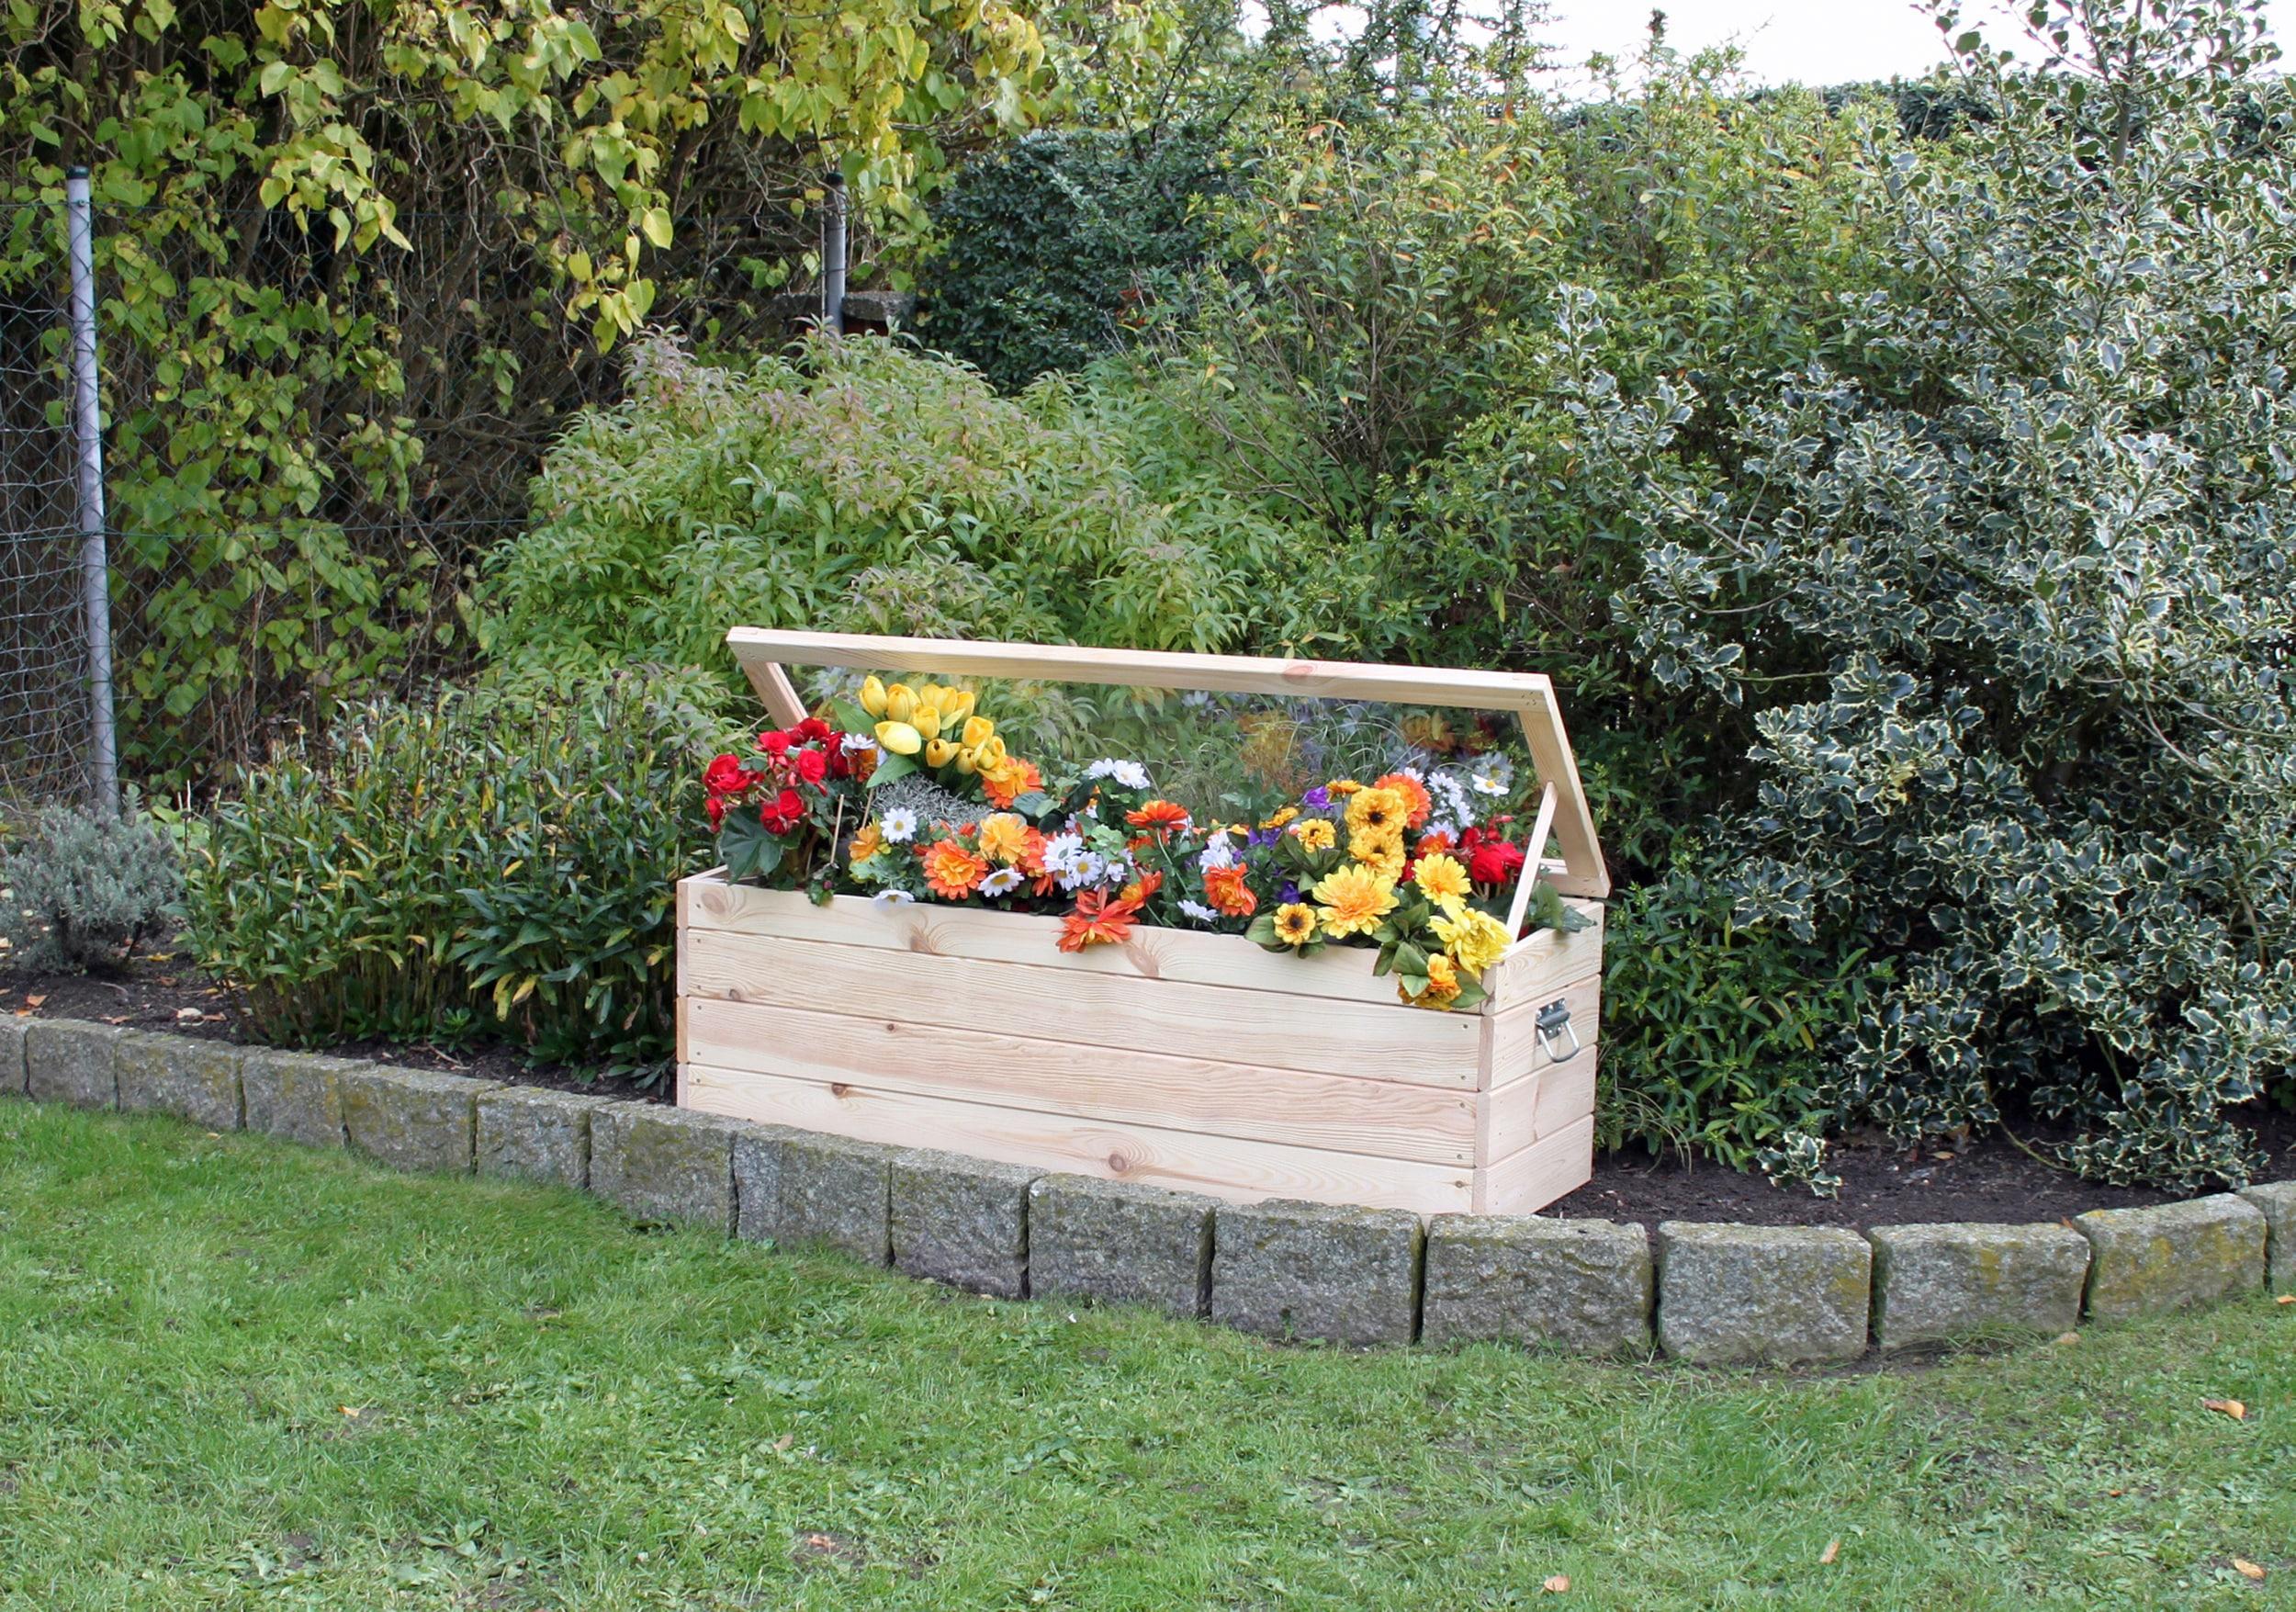 promadino Frühbeet, mit Boden und Folie, BxTxH: 118,5x40x42 cm beige Frühbeete Gewächshäuser Garten Balkon Frühbeet